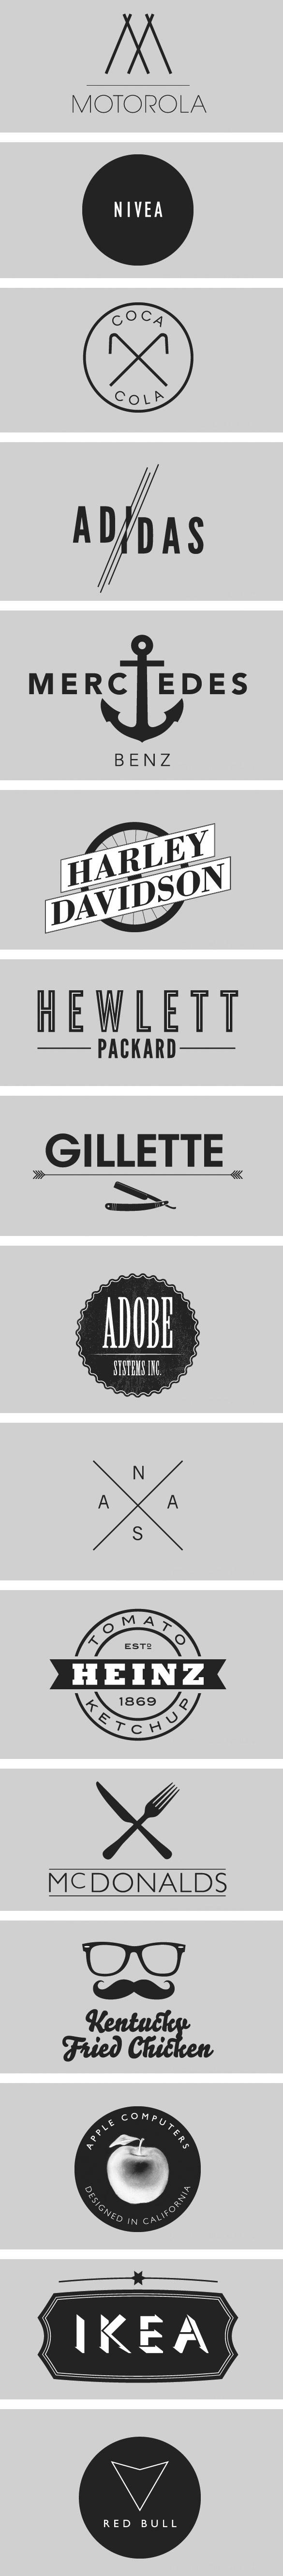 hipsterlogo1 Décryptez le logos à la mode hipster !